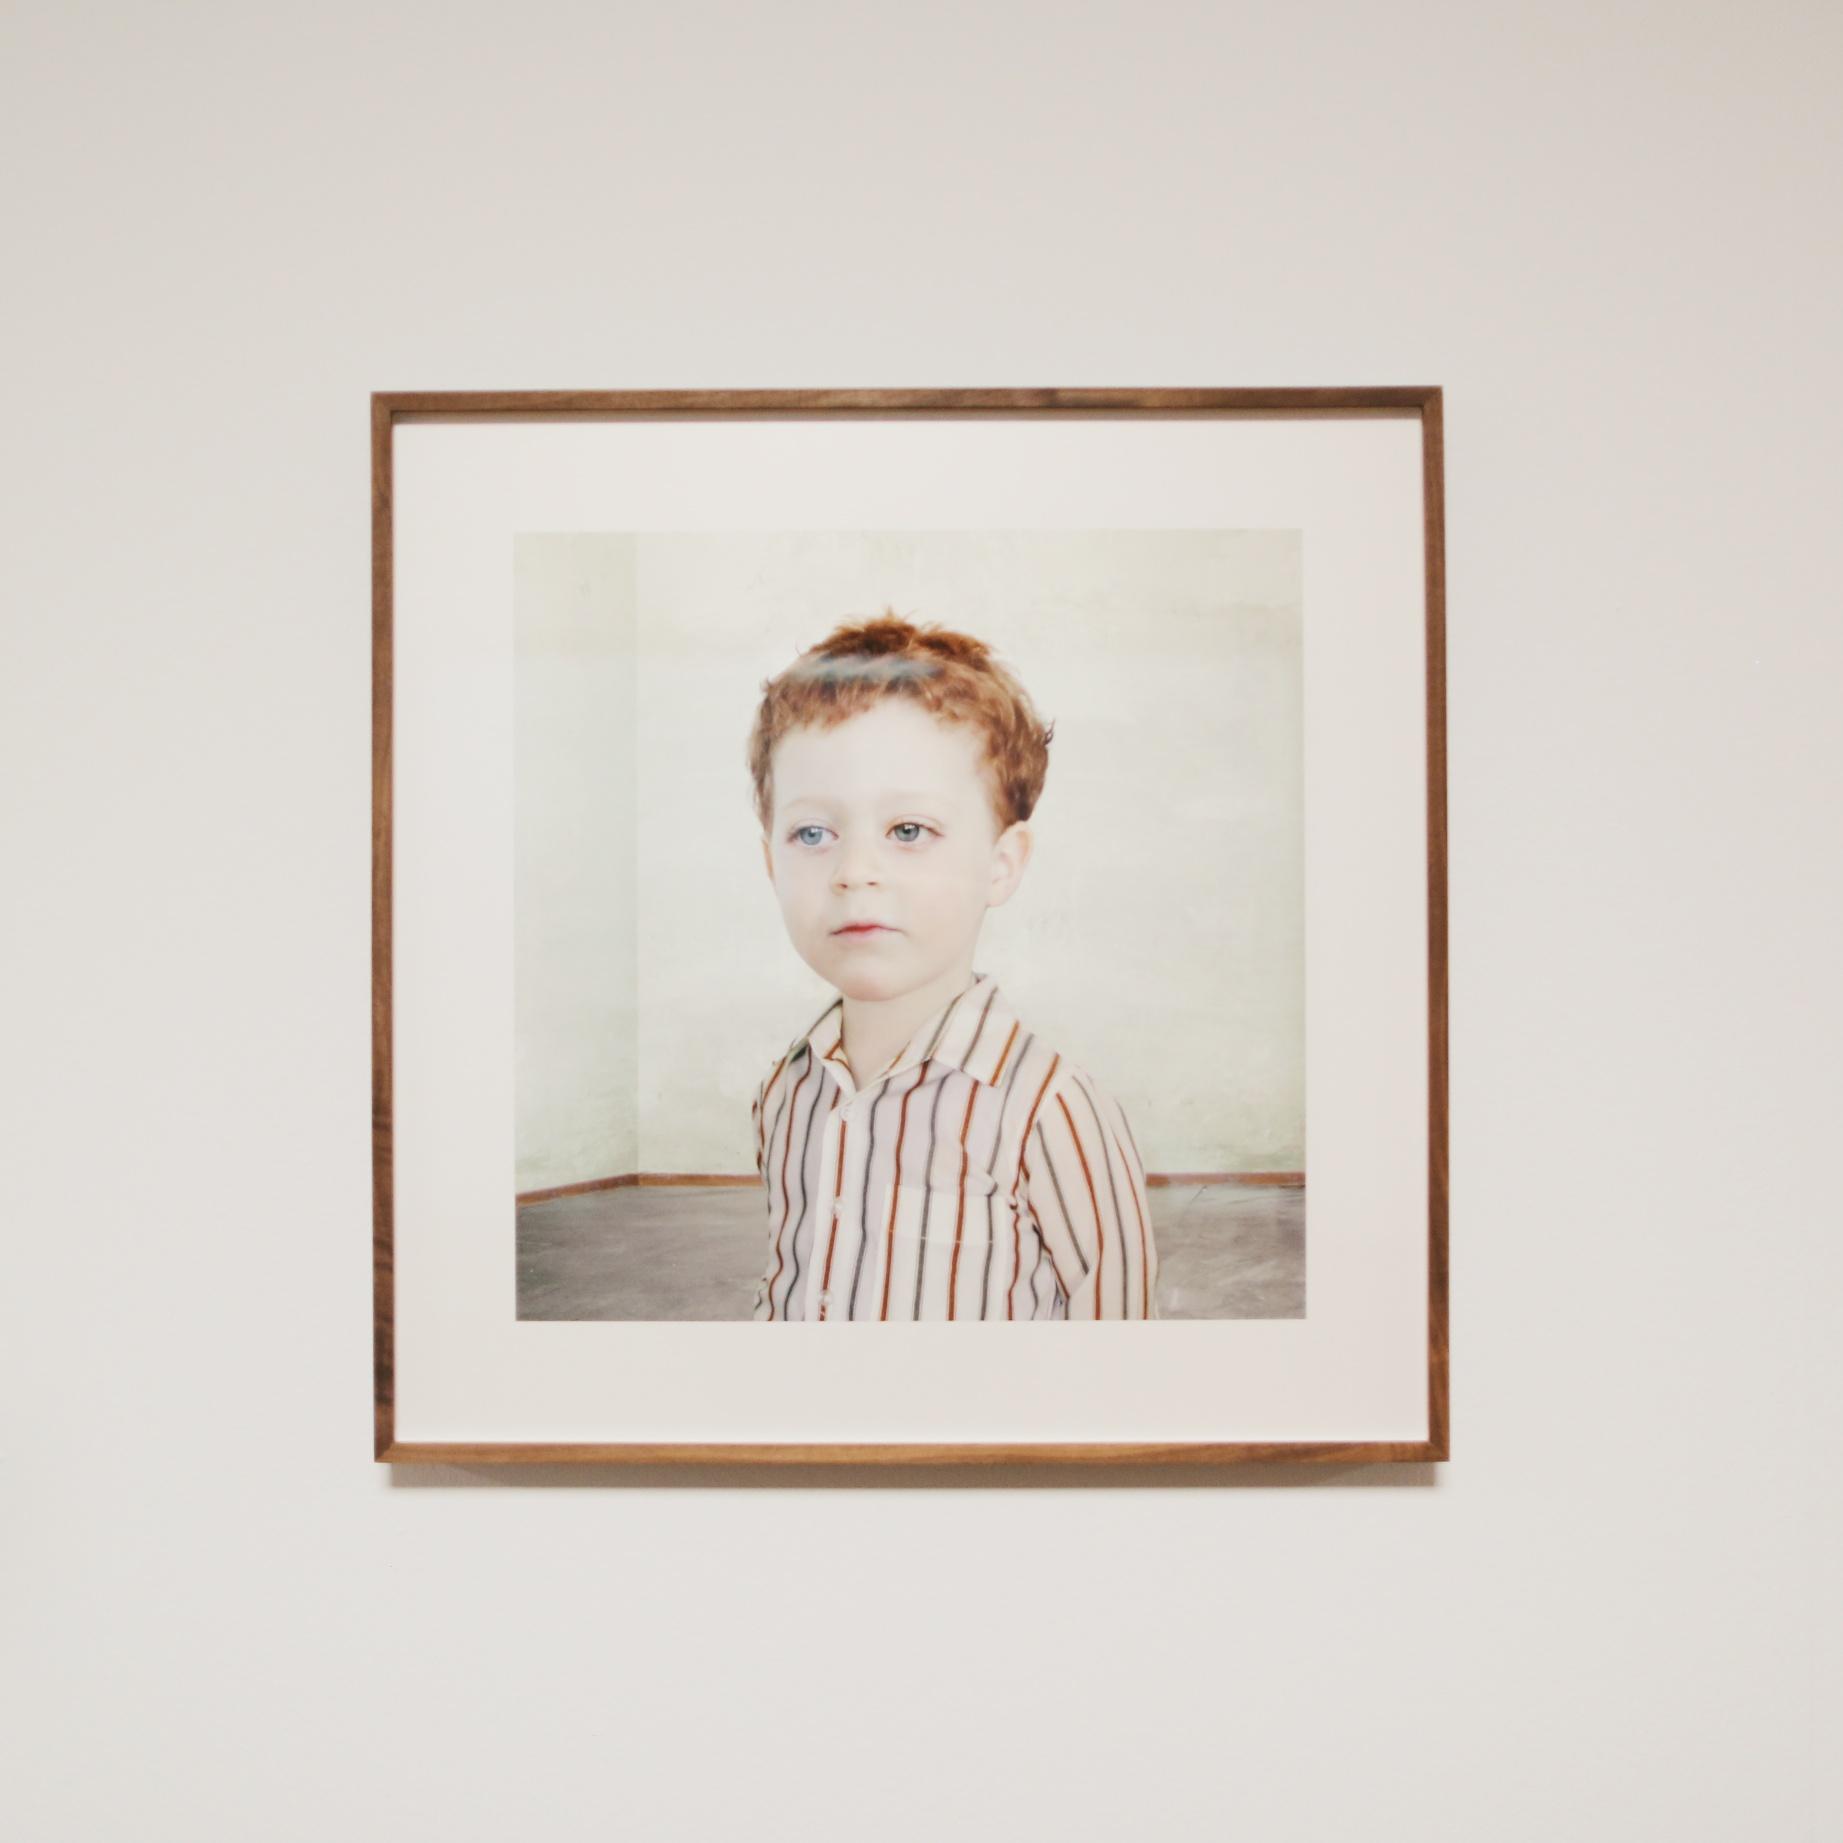 FOTOMUSEUM DEN HAAG & GEMEENTEMUSEUM ©Pulp Collectors 032